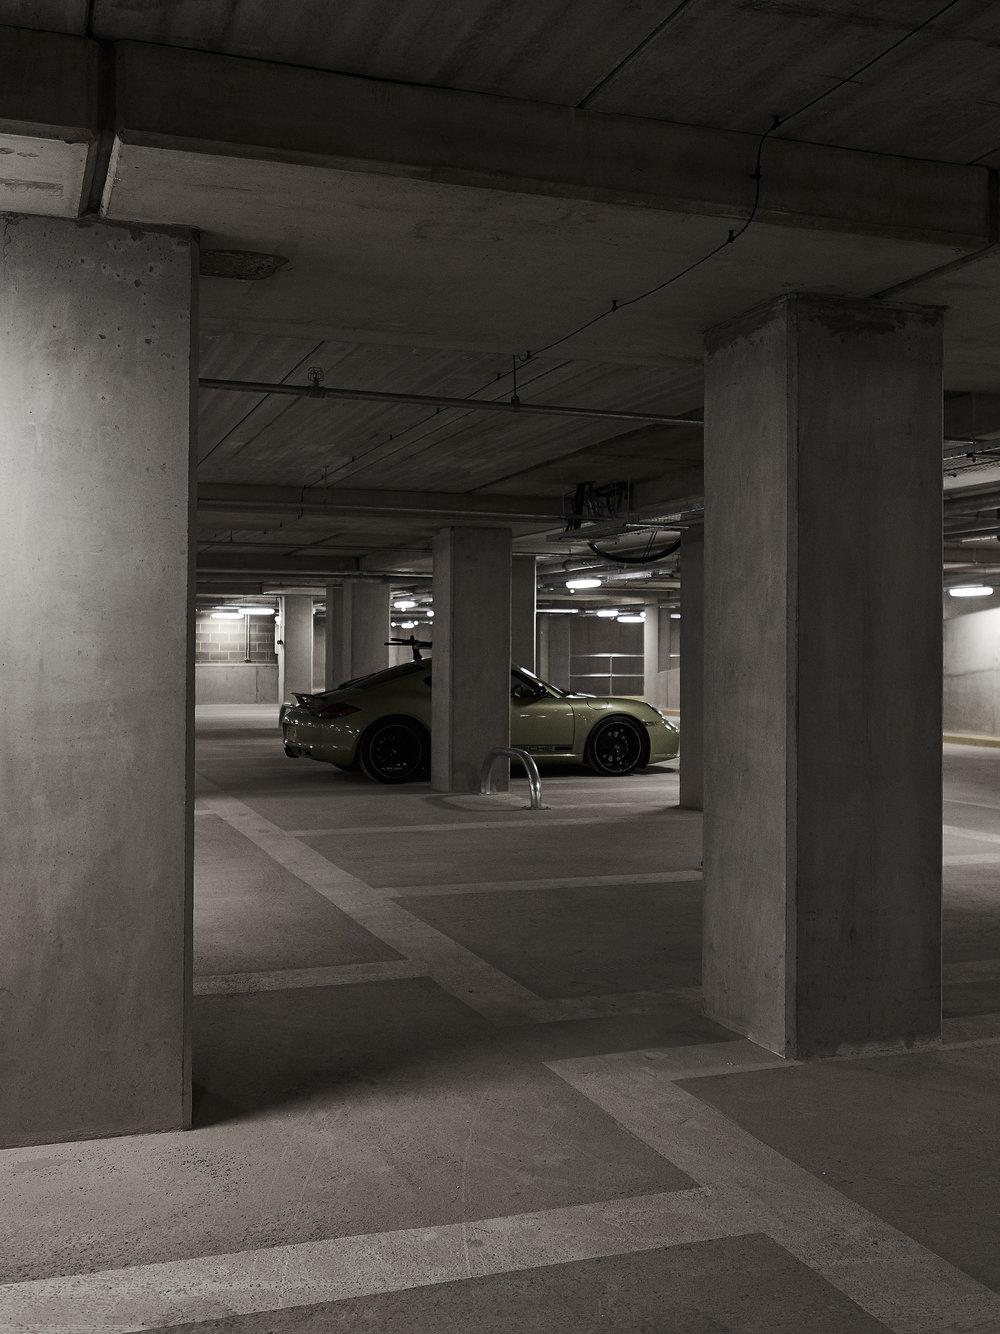 Porsche, Oxford.